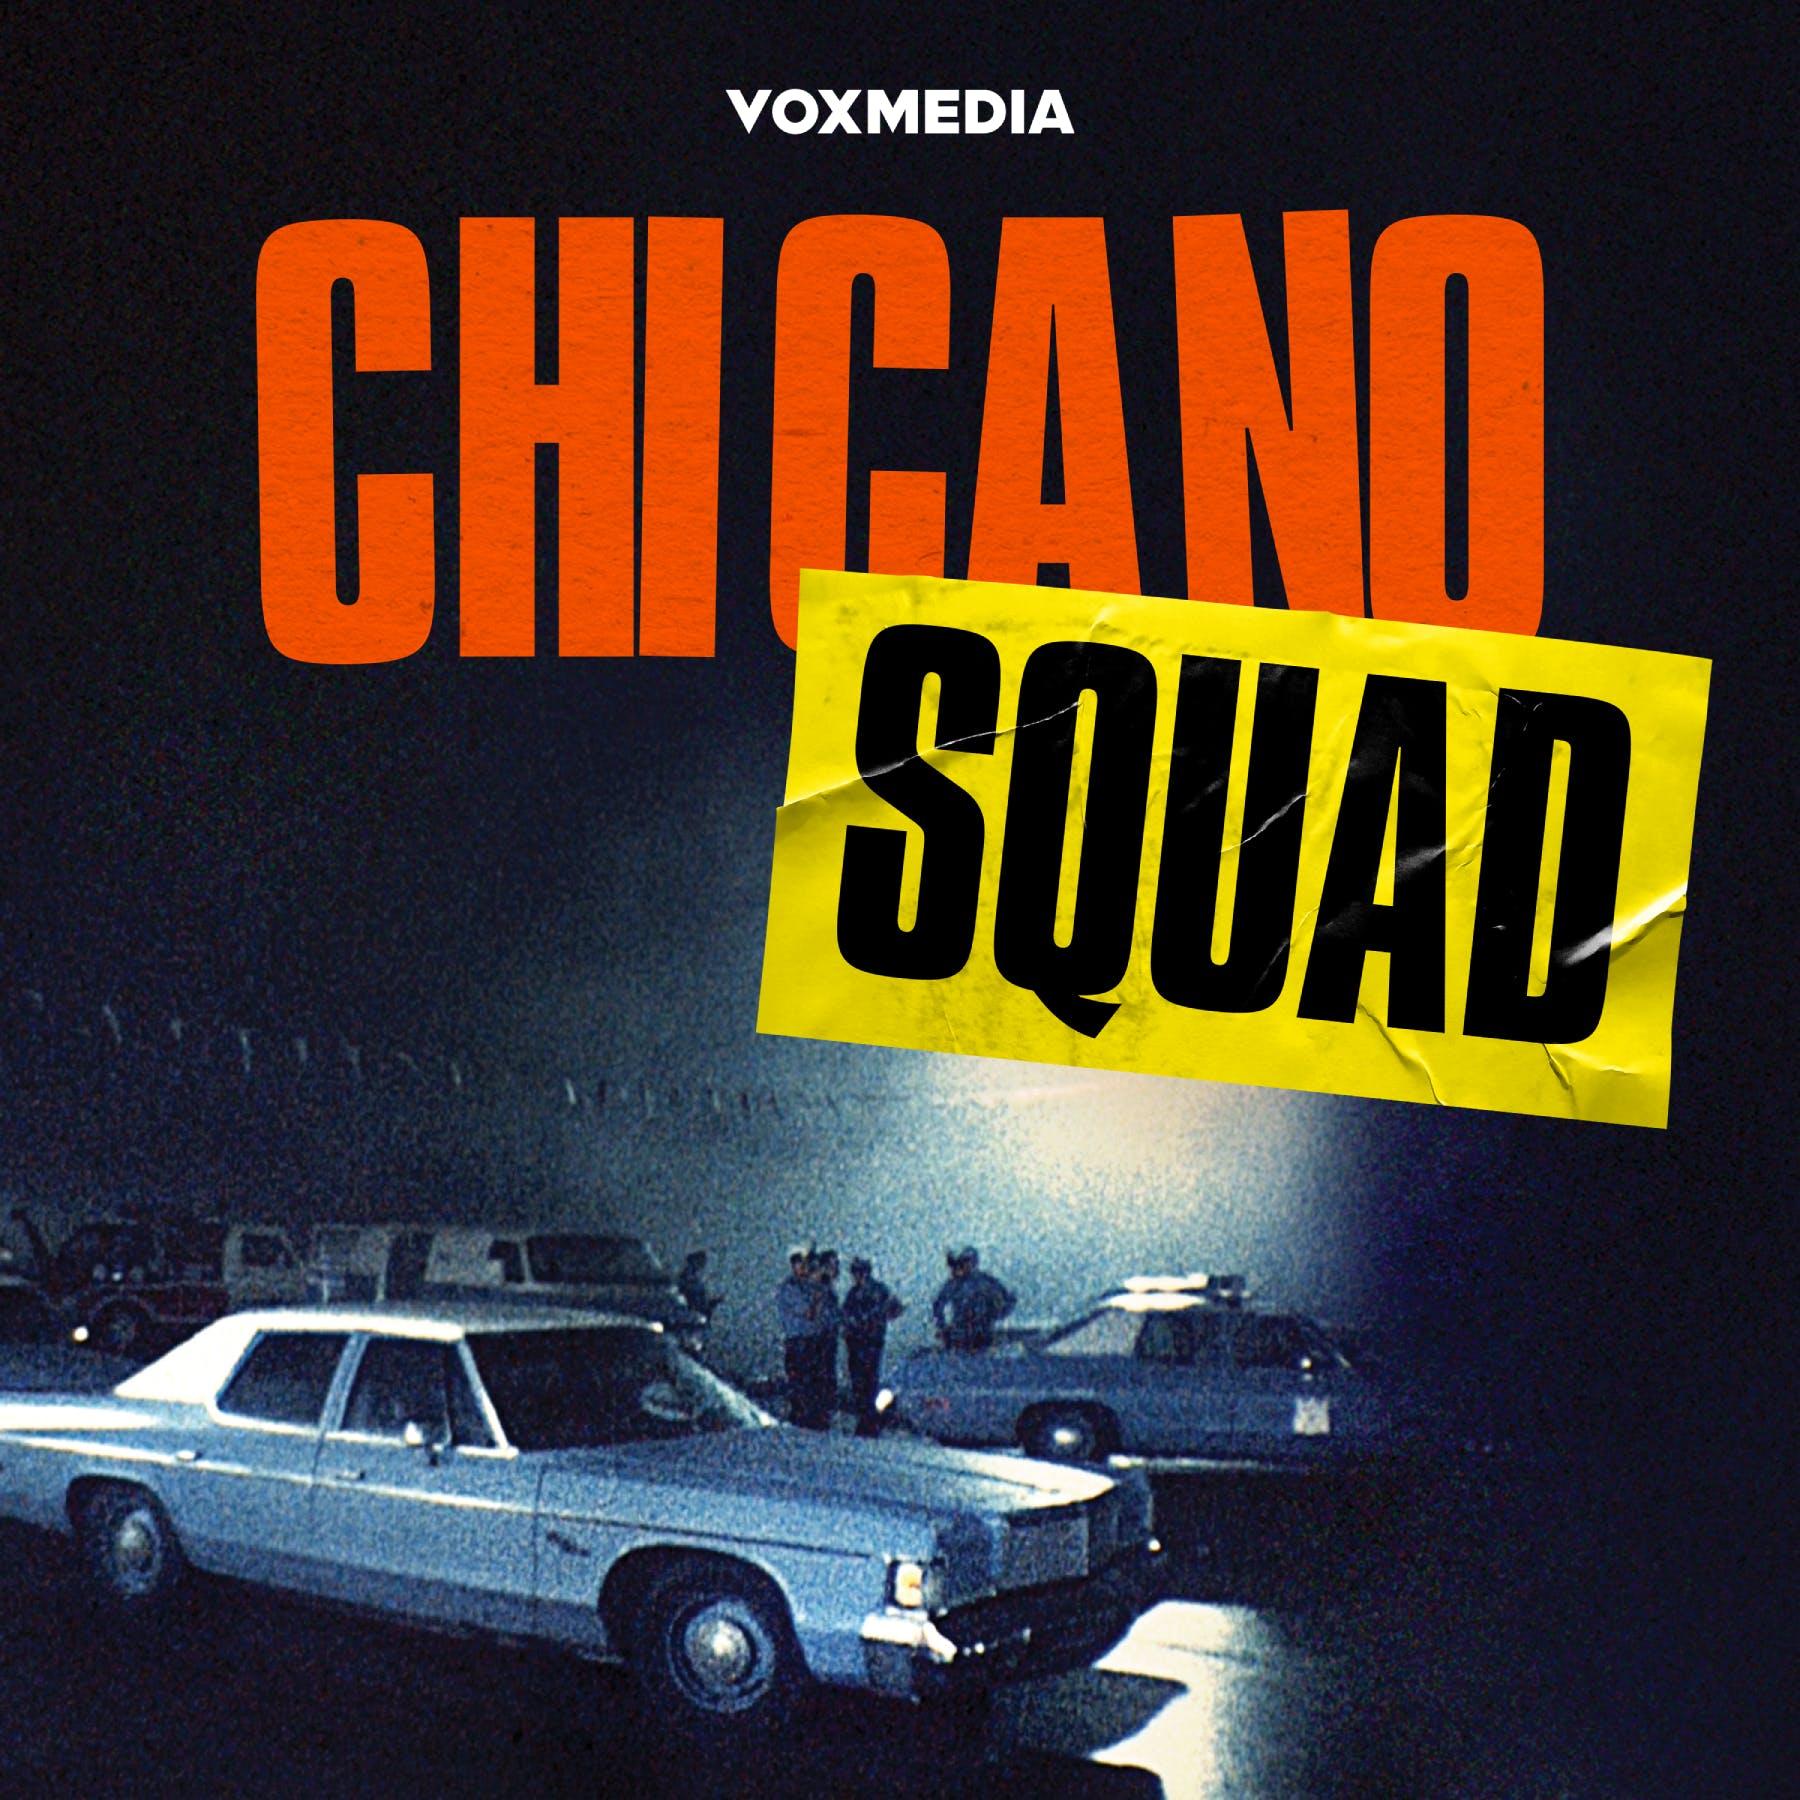 Chicano Squad